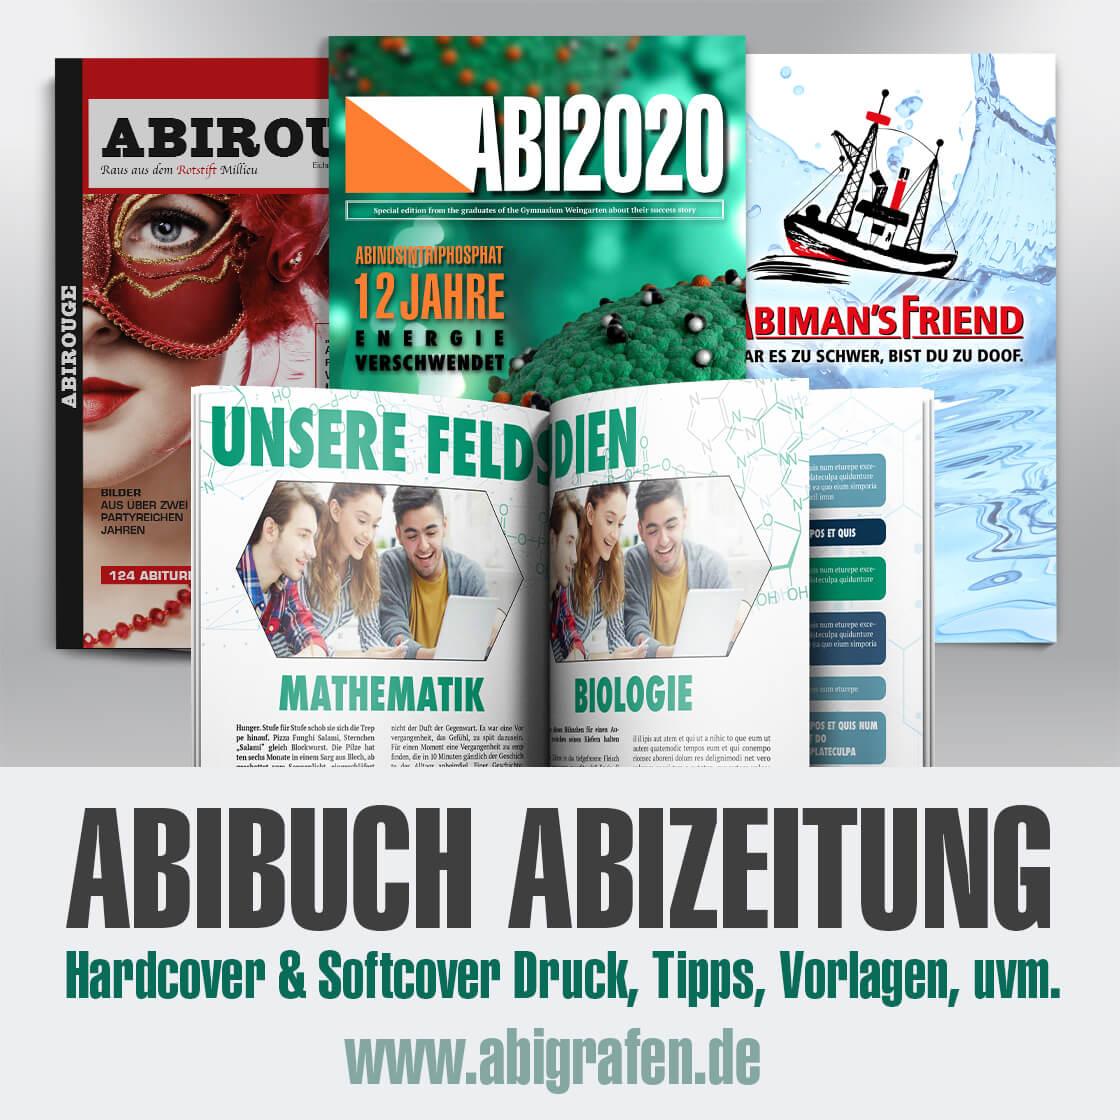 abigrafen.de gestaltet und druckt euer Abibuch/eure Abizeitung